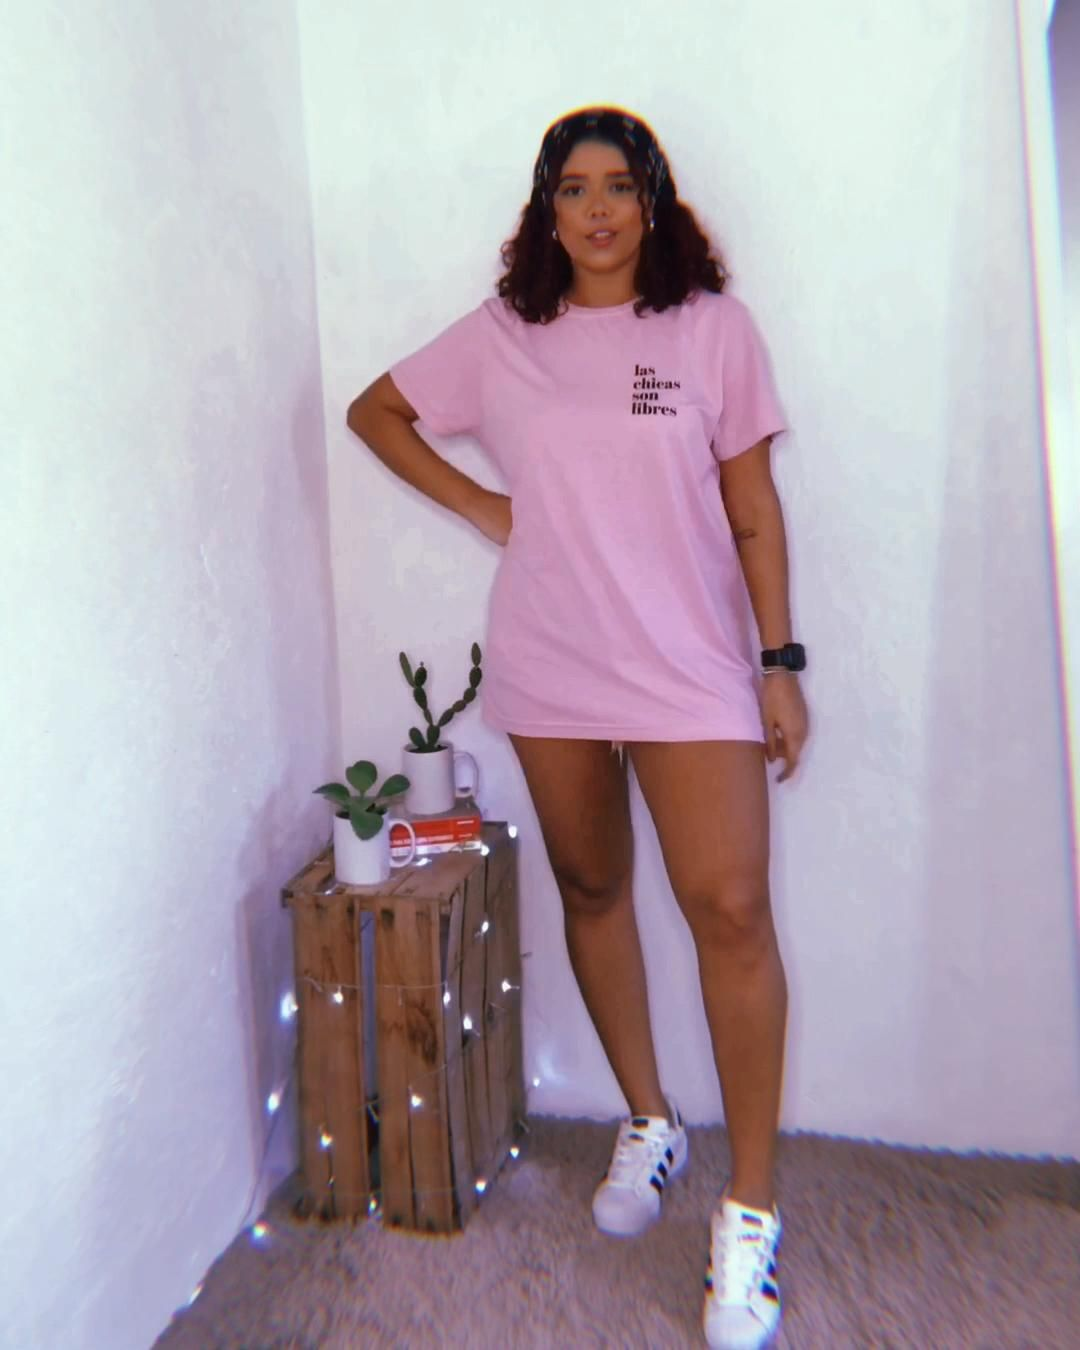 Muitas ideias pra quem ama T-shirt #tshirt #tshirtdesign #looks #looksinspiração